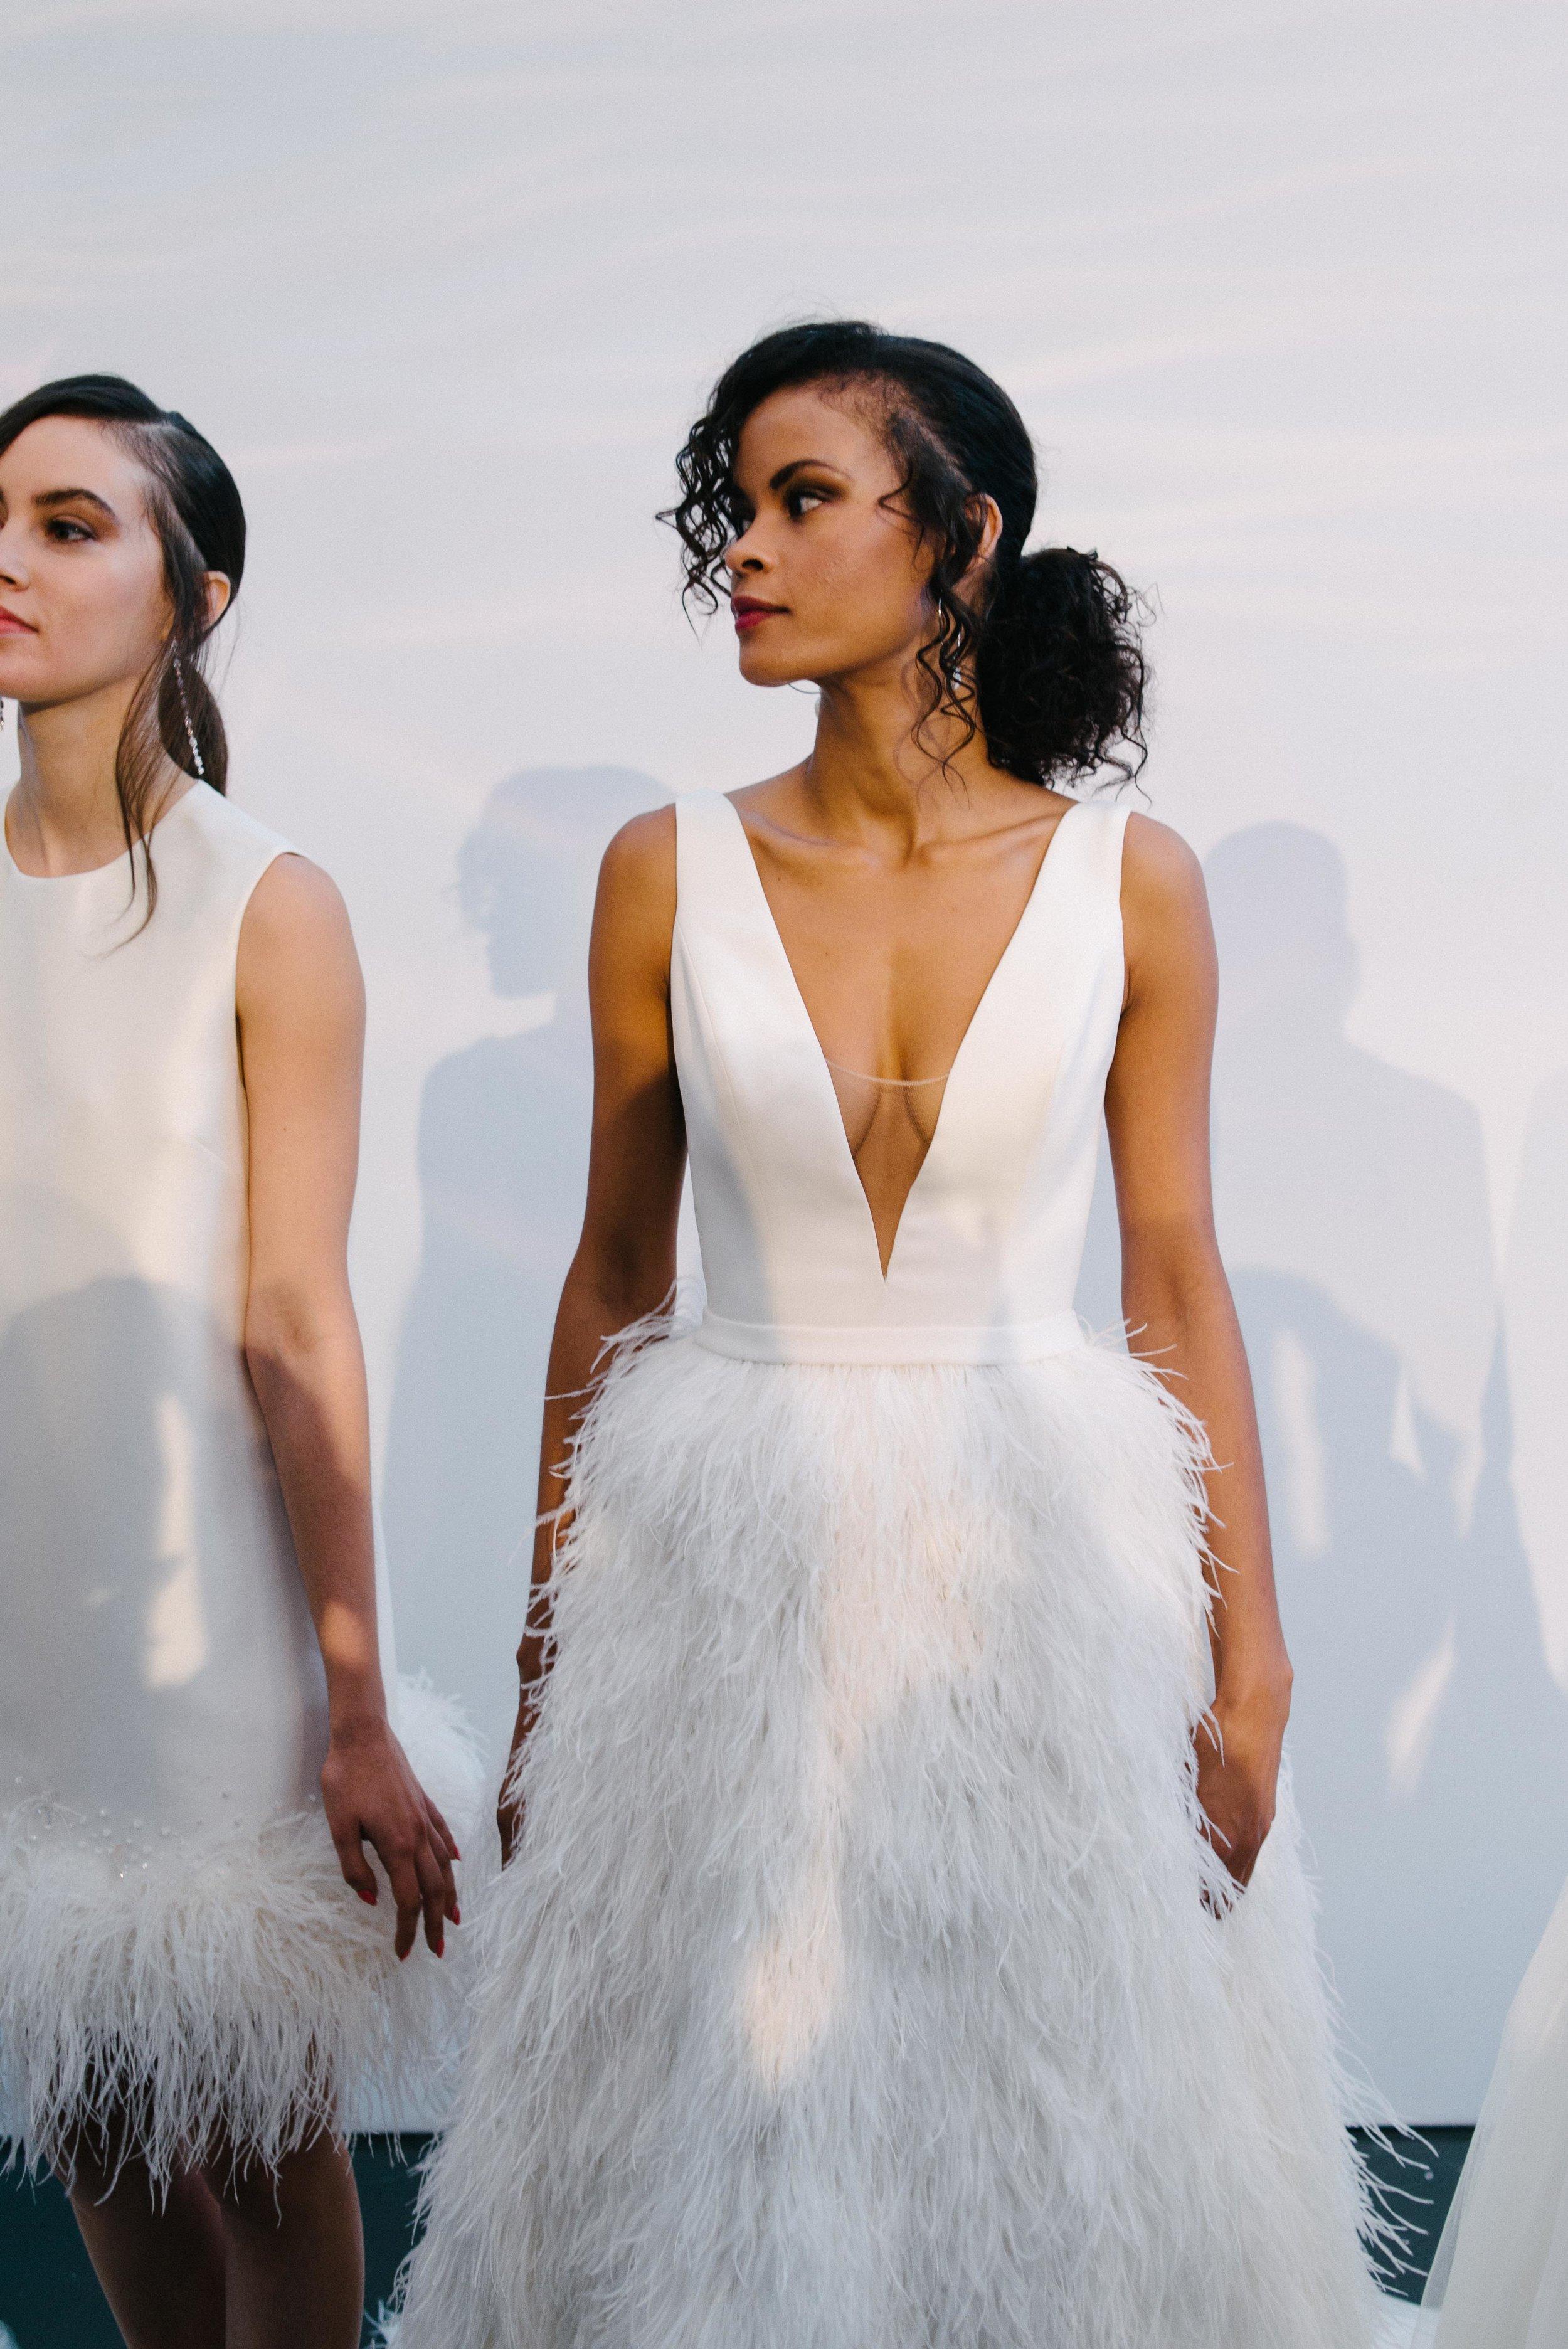 Bridal Fashion Week Trends 2019, New York Bridal Fashion Week, Bridal Market, Feathers